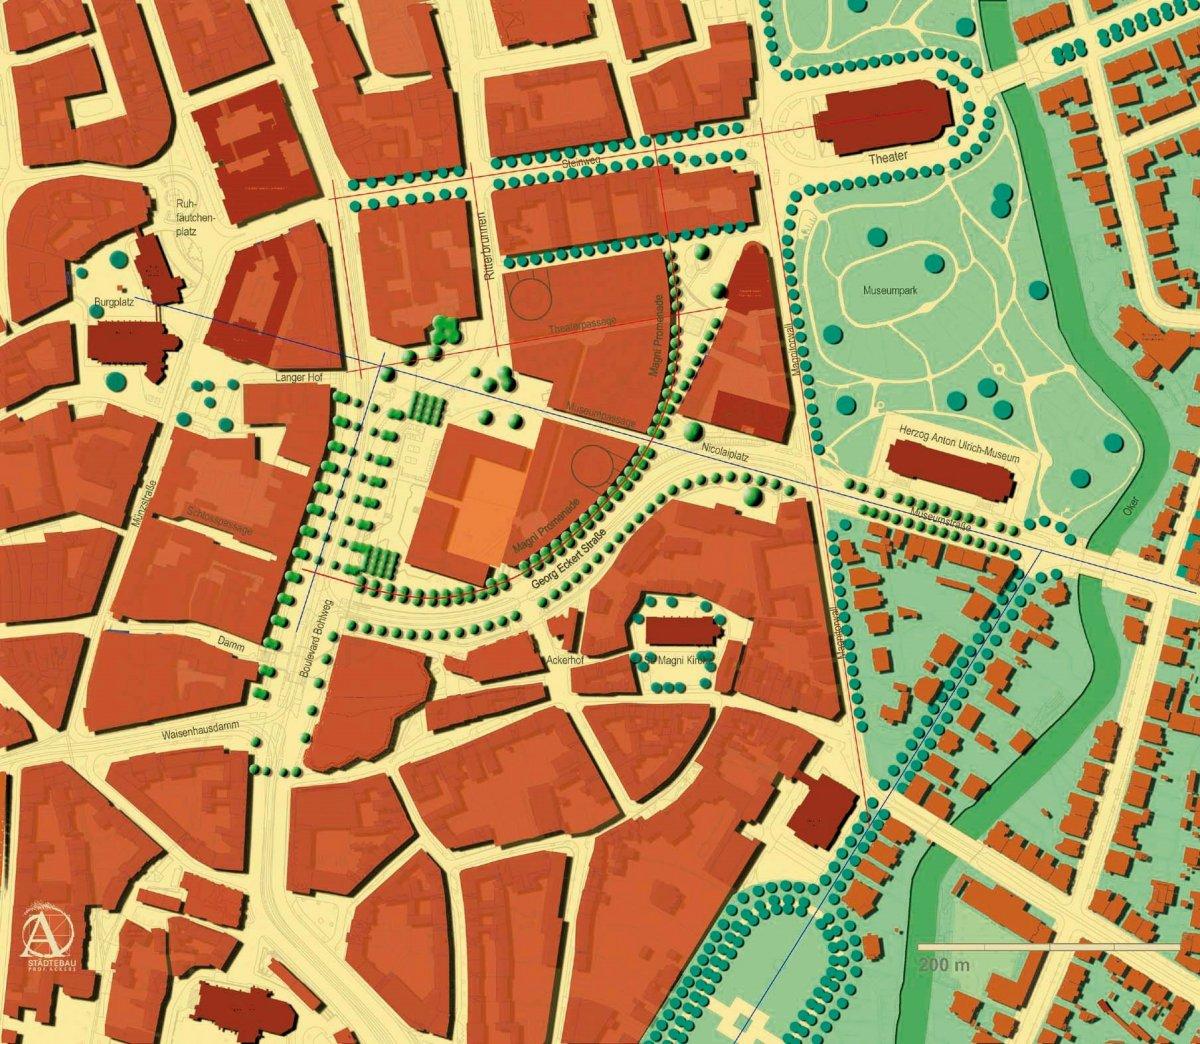 Rahmenplan Städtebau